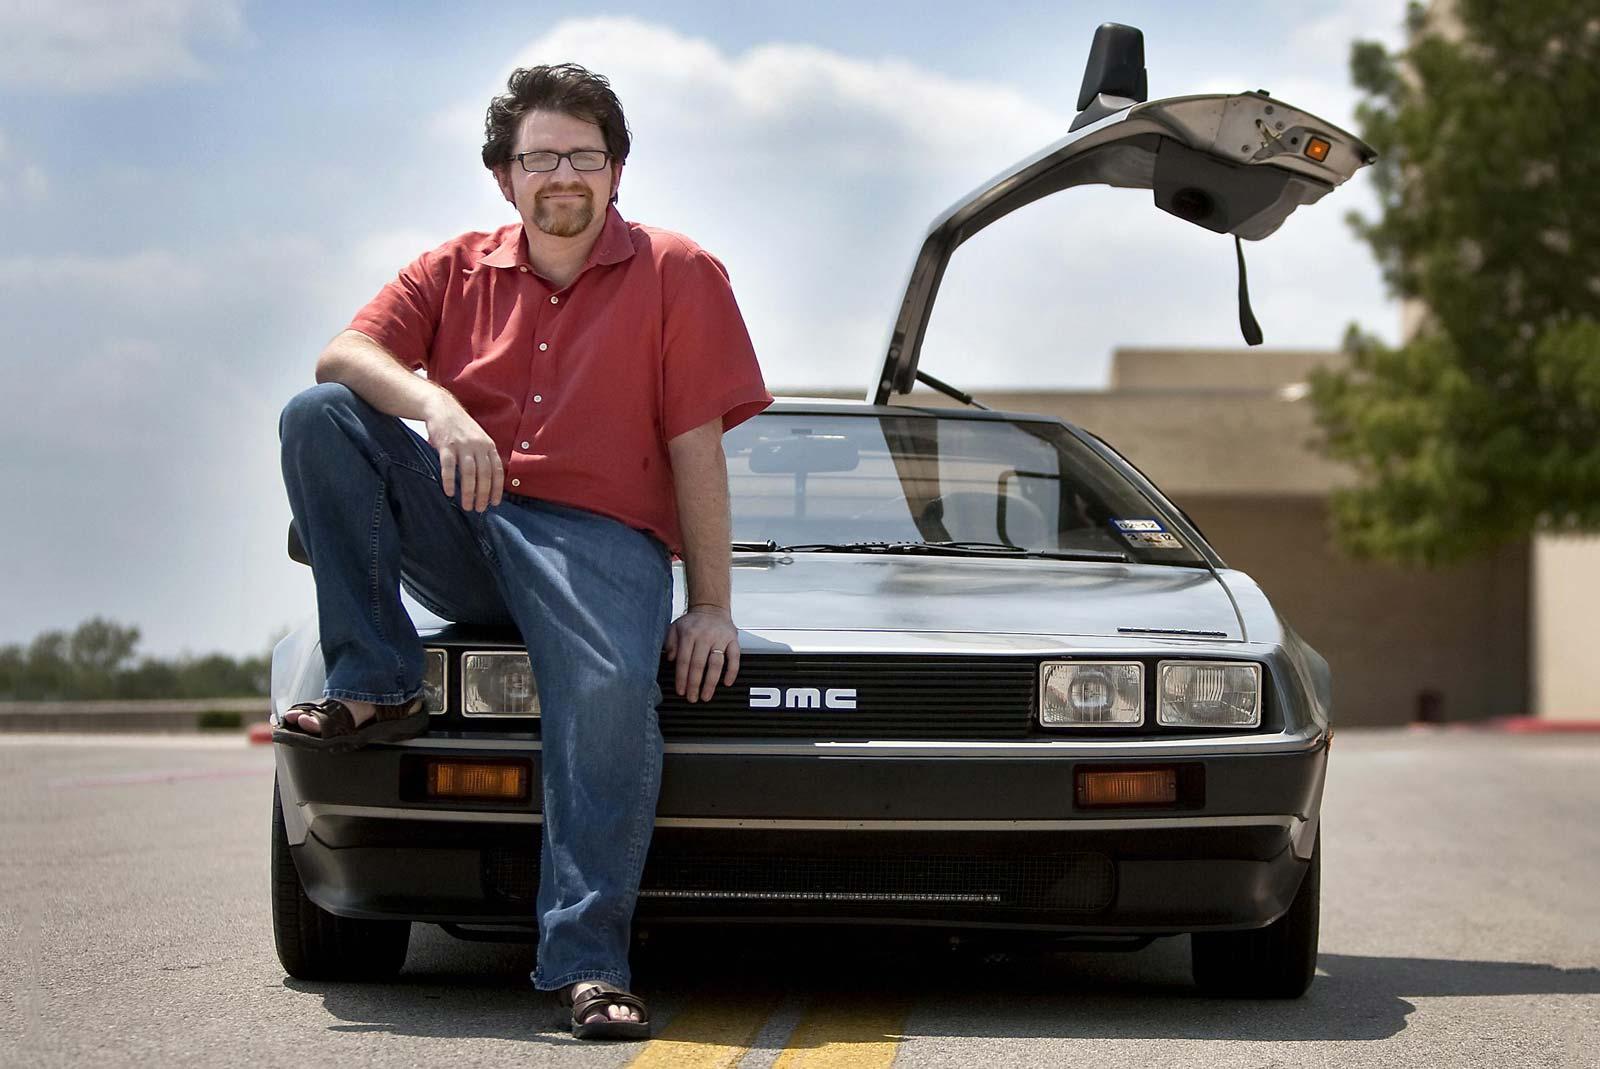 Évidemment, Ernest Cline conduit une DeLorean…